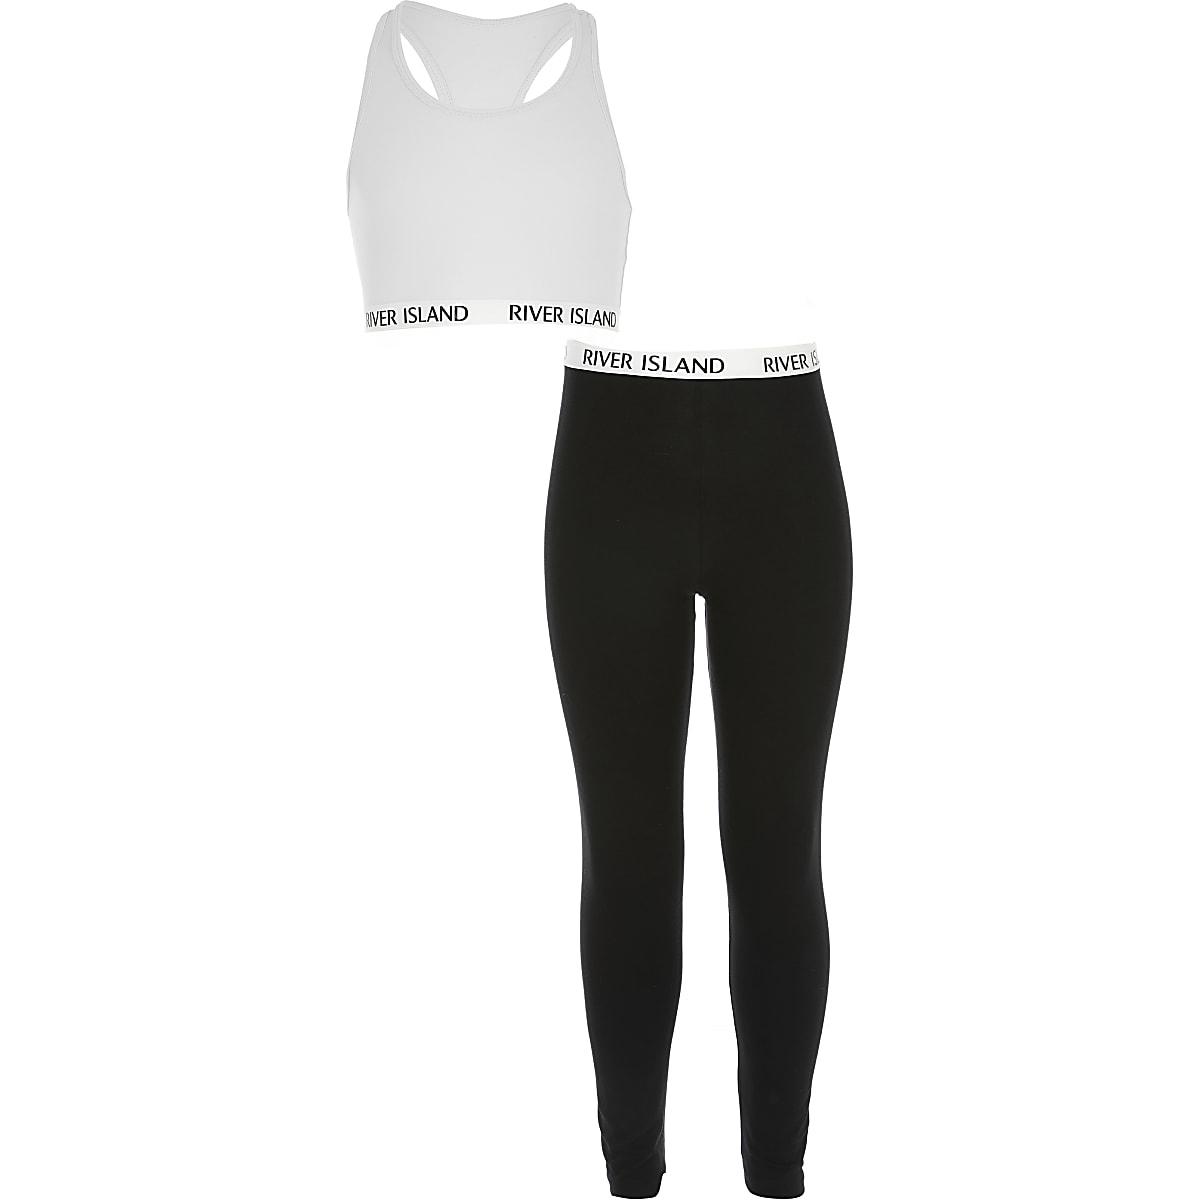 Outfit met witte crop top en legging voor meisjes